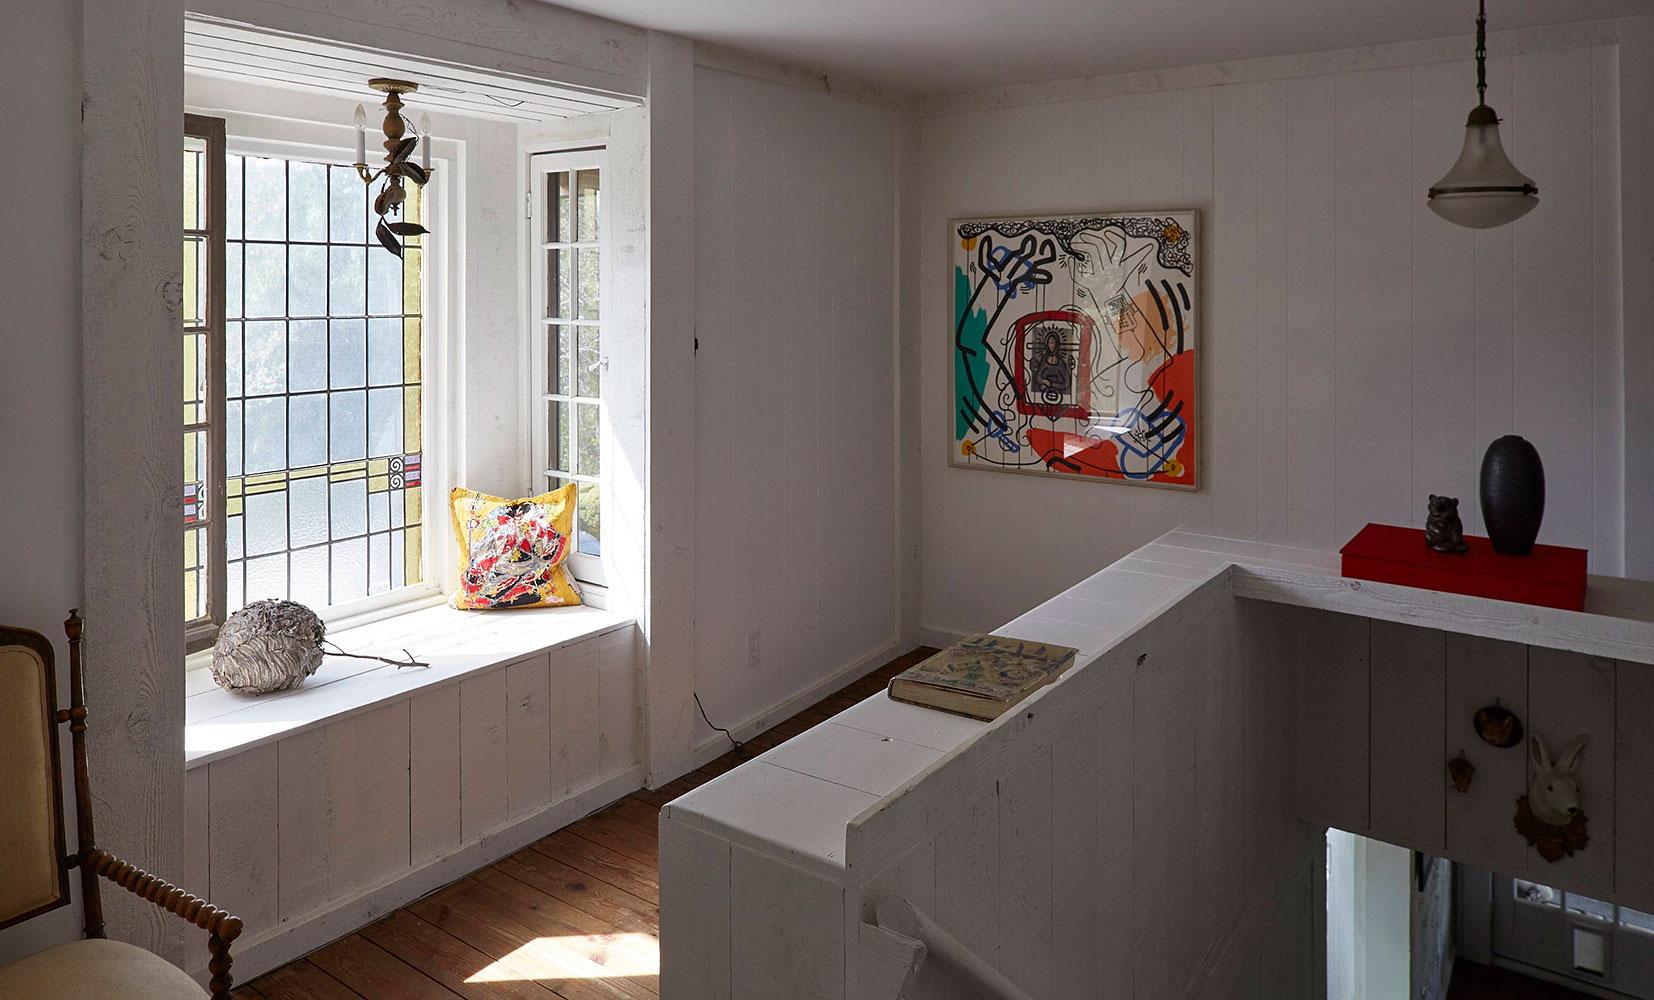 RANCH-09-Hallway.jpg